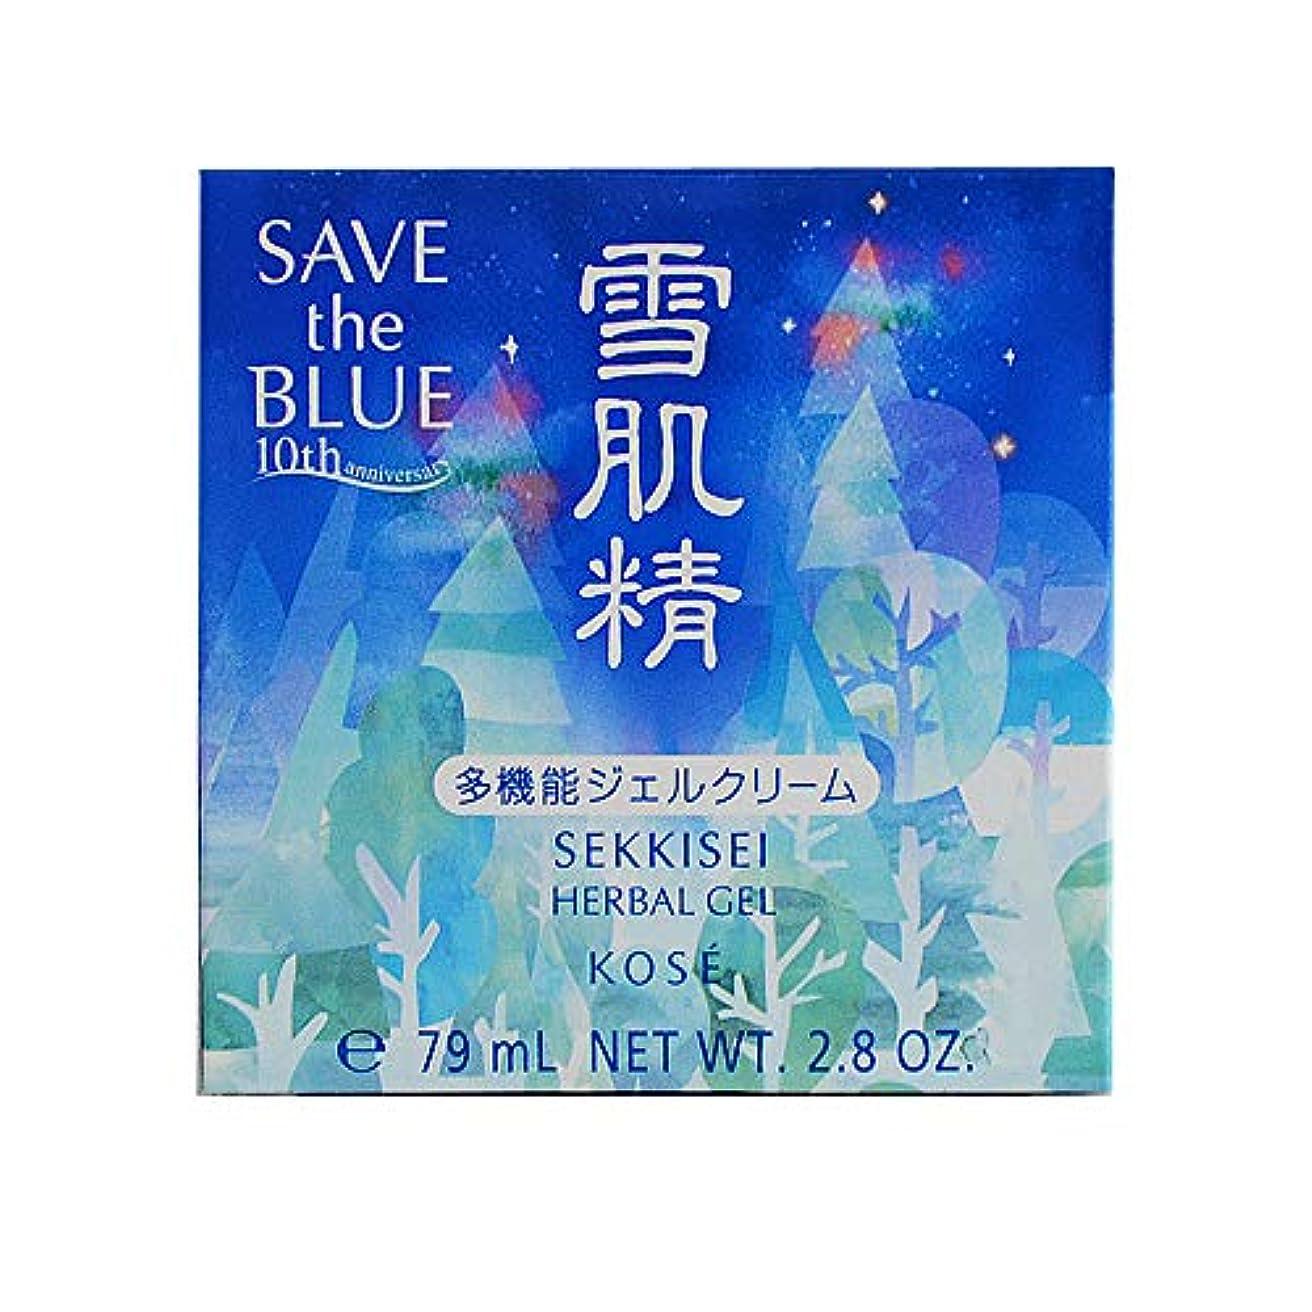 休日に熟した抑制するコーセー 雪肌精 ハーバルジェル 80g (SAVE the BLUE) [ フェイスクリーム ] [並行輸入品]